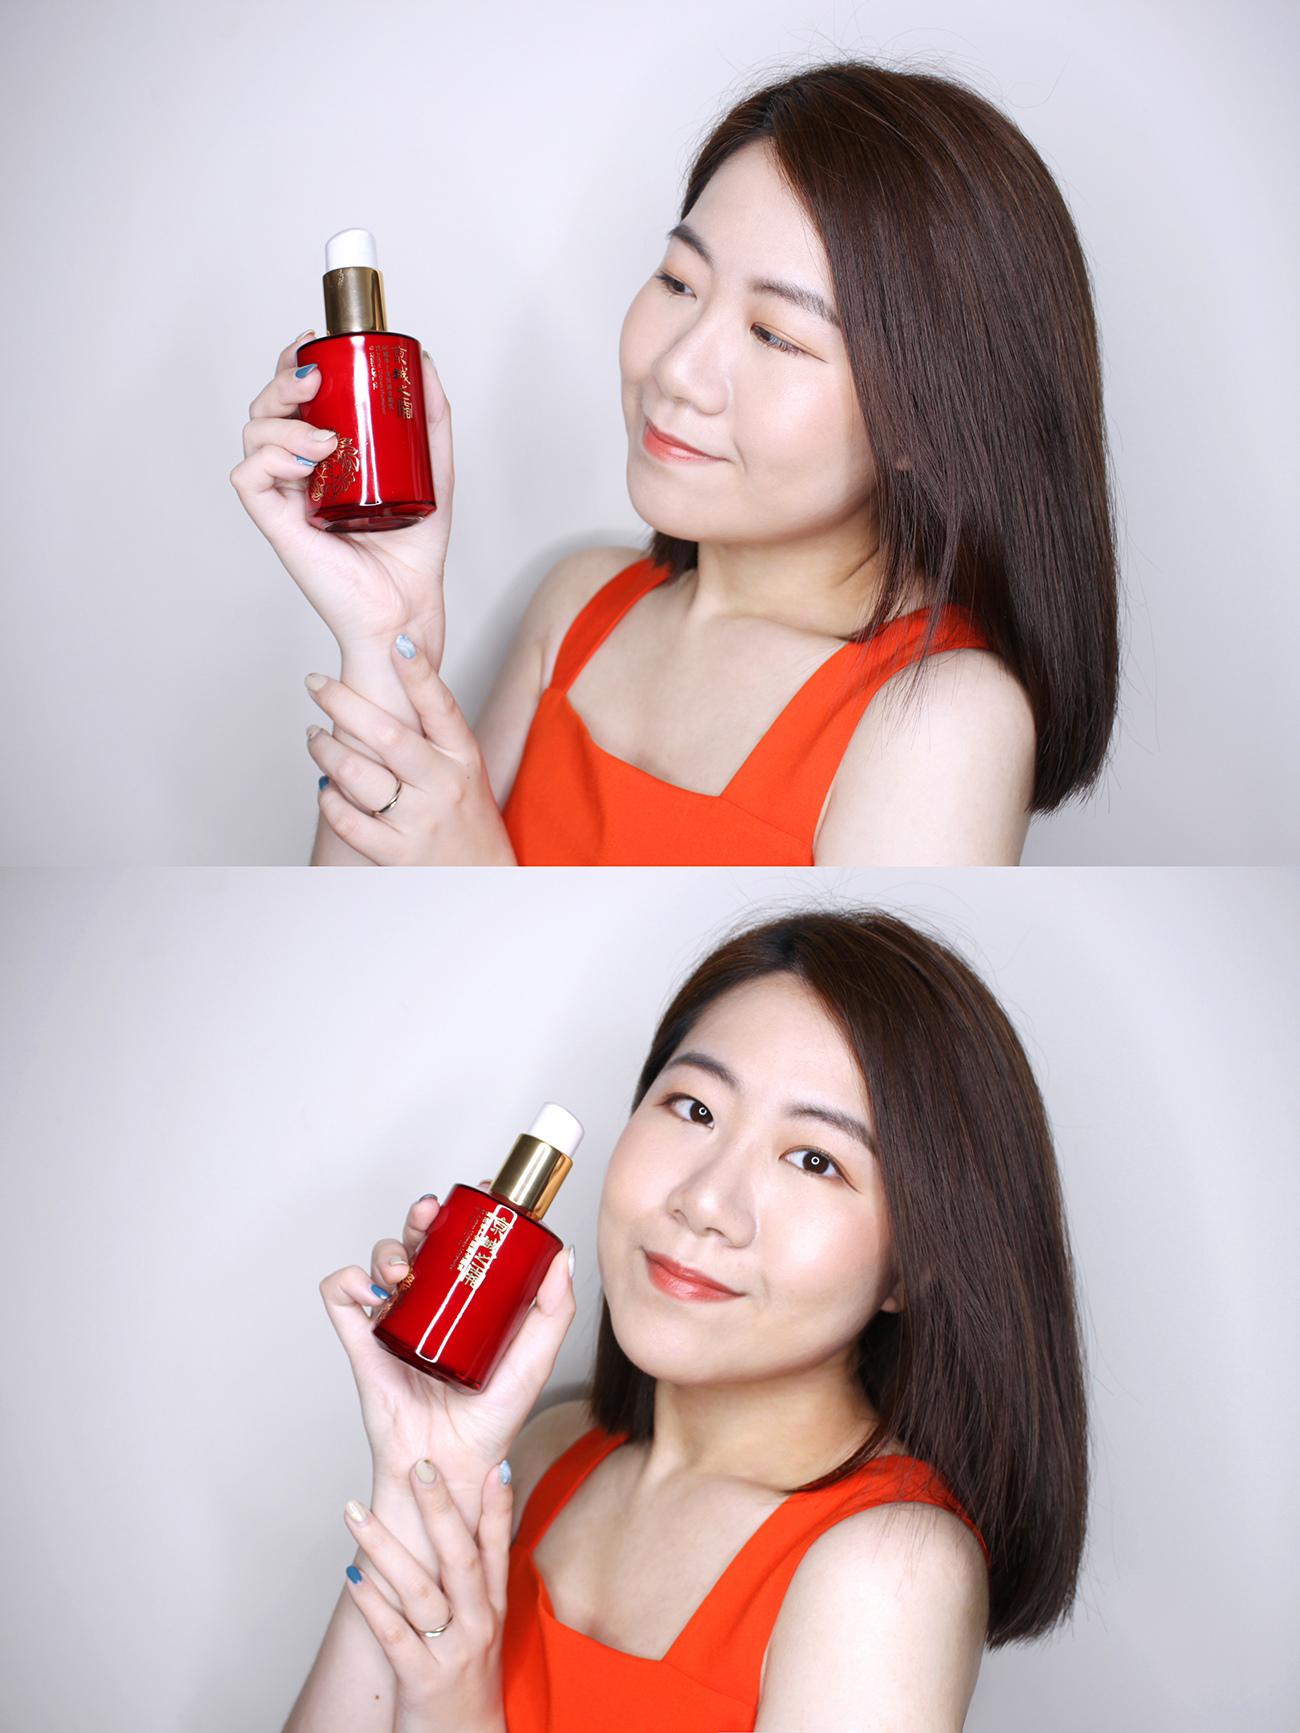 京城之霜 60植萃十全頂級全能乳 評價心得 (8).JPG